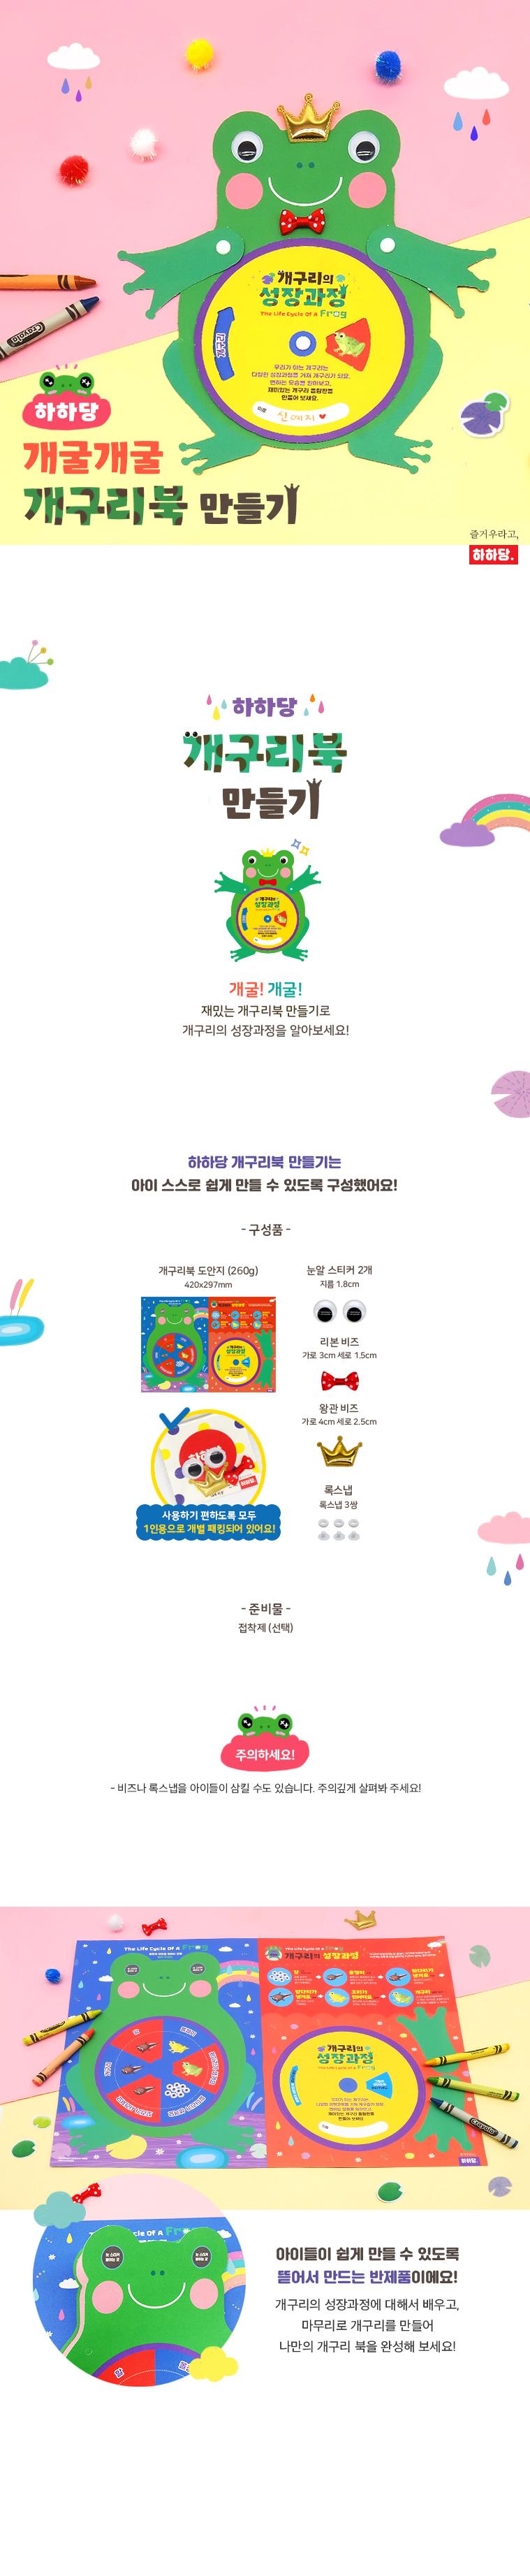 북아트 - 개구리북 만들기 - 하하당, 2,300원, 종이공예/북아트, 북아트 패키지